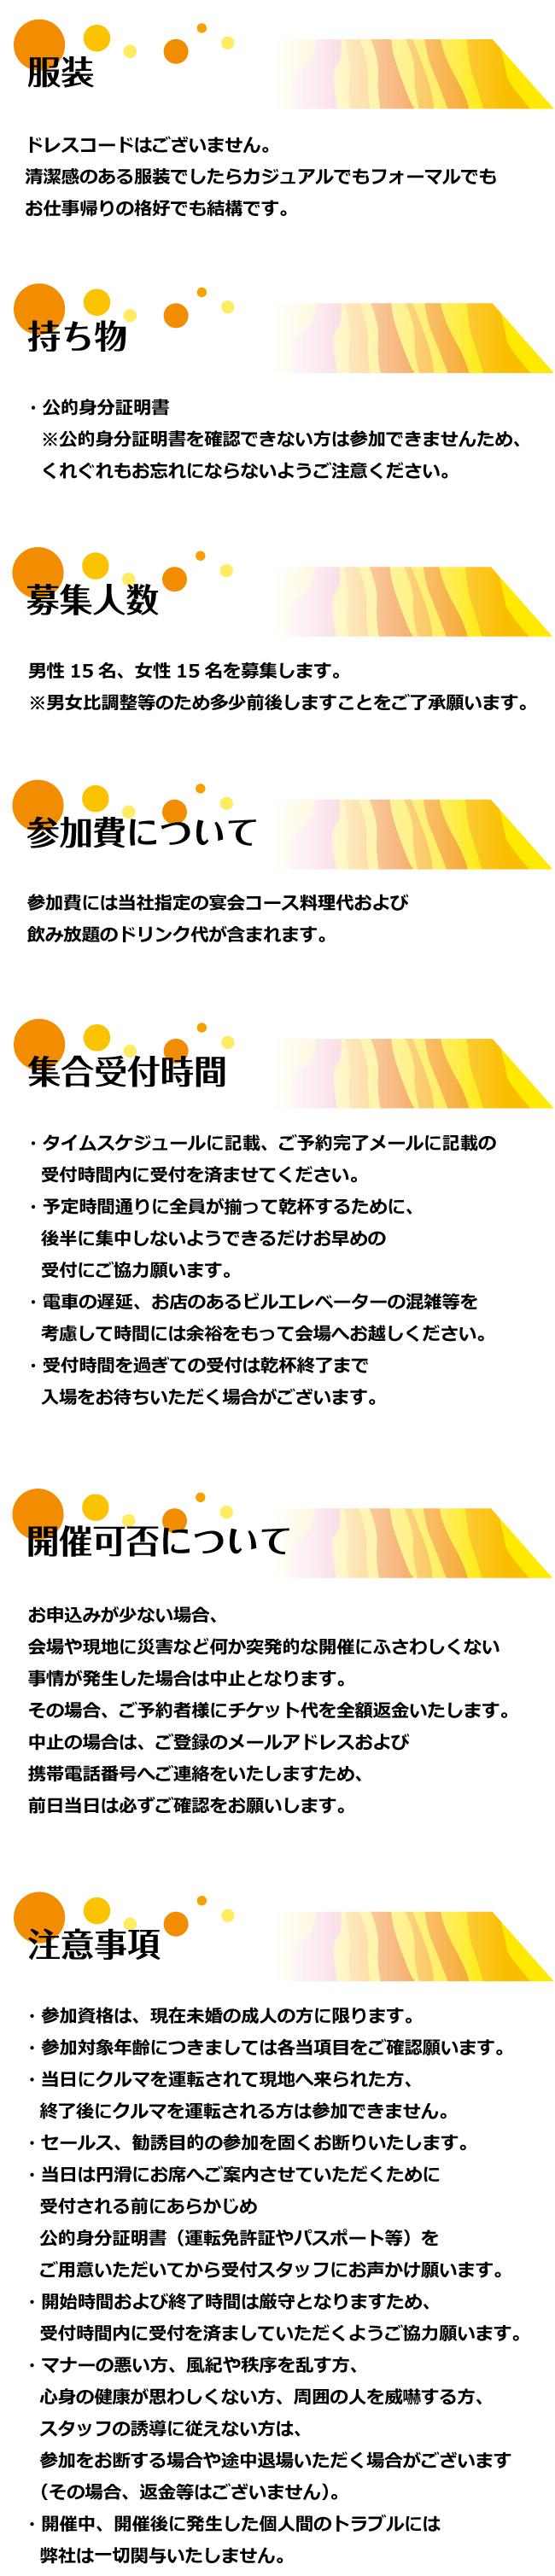 恋活居酒屋コン詳細事項